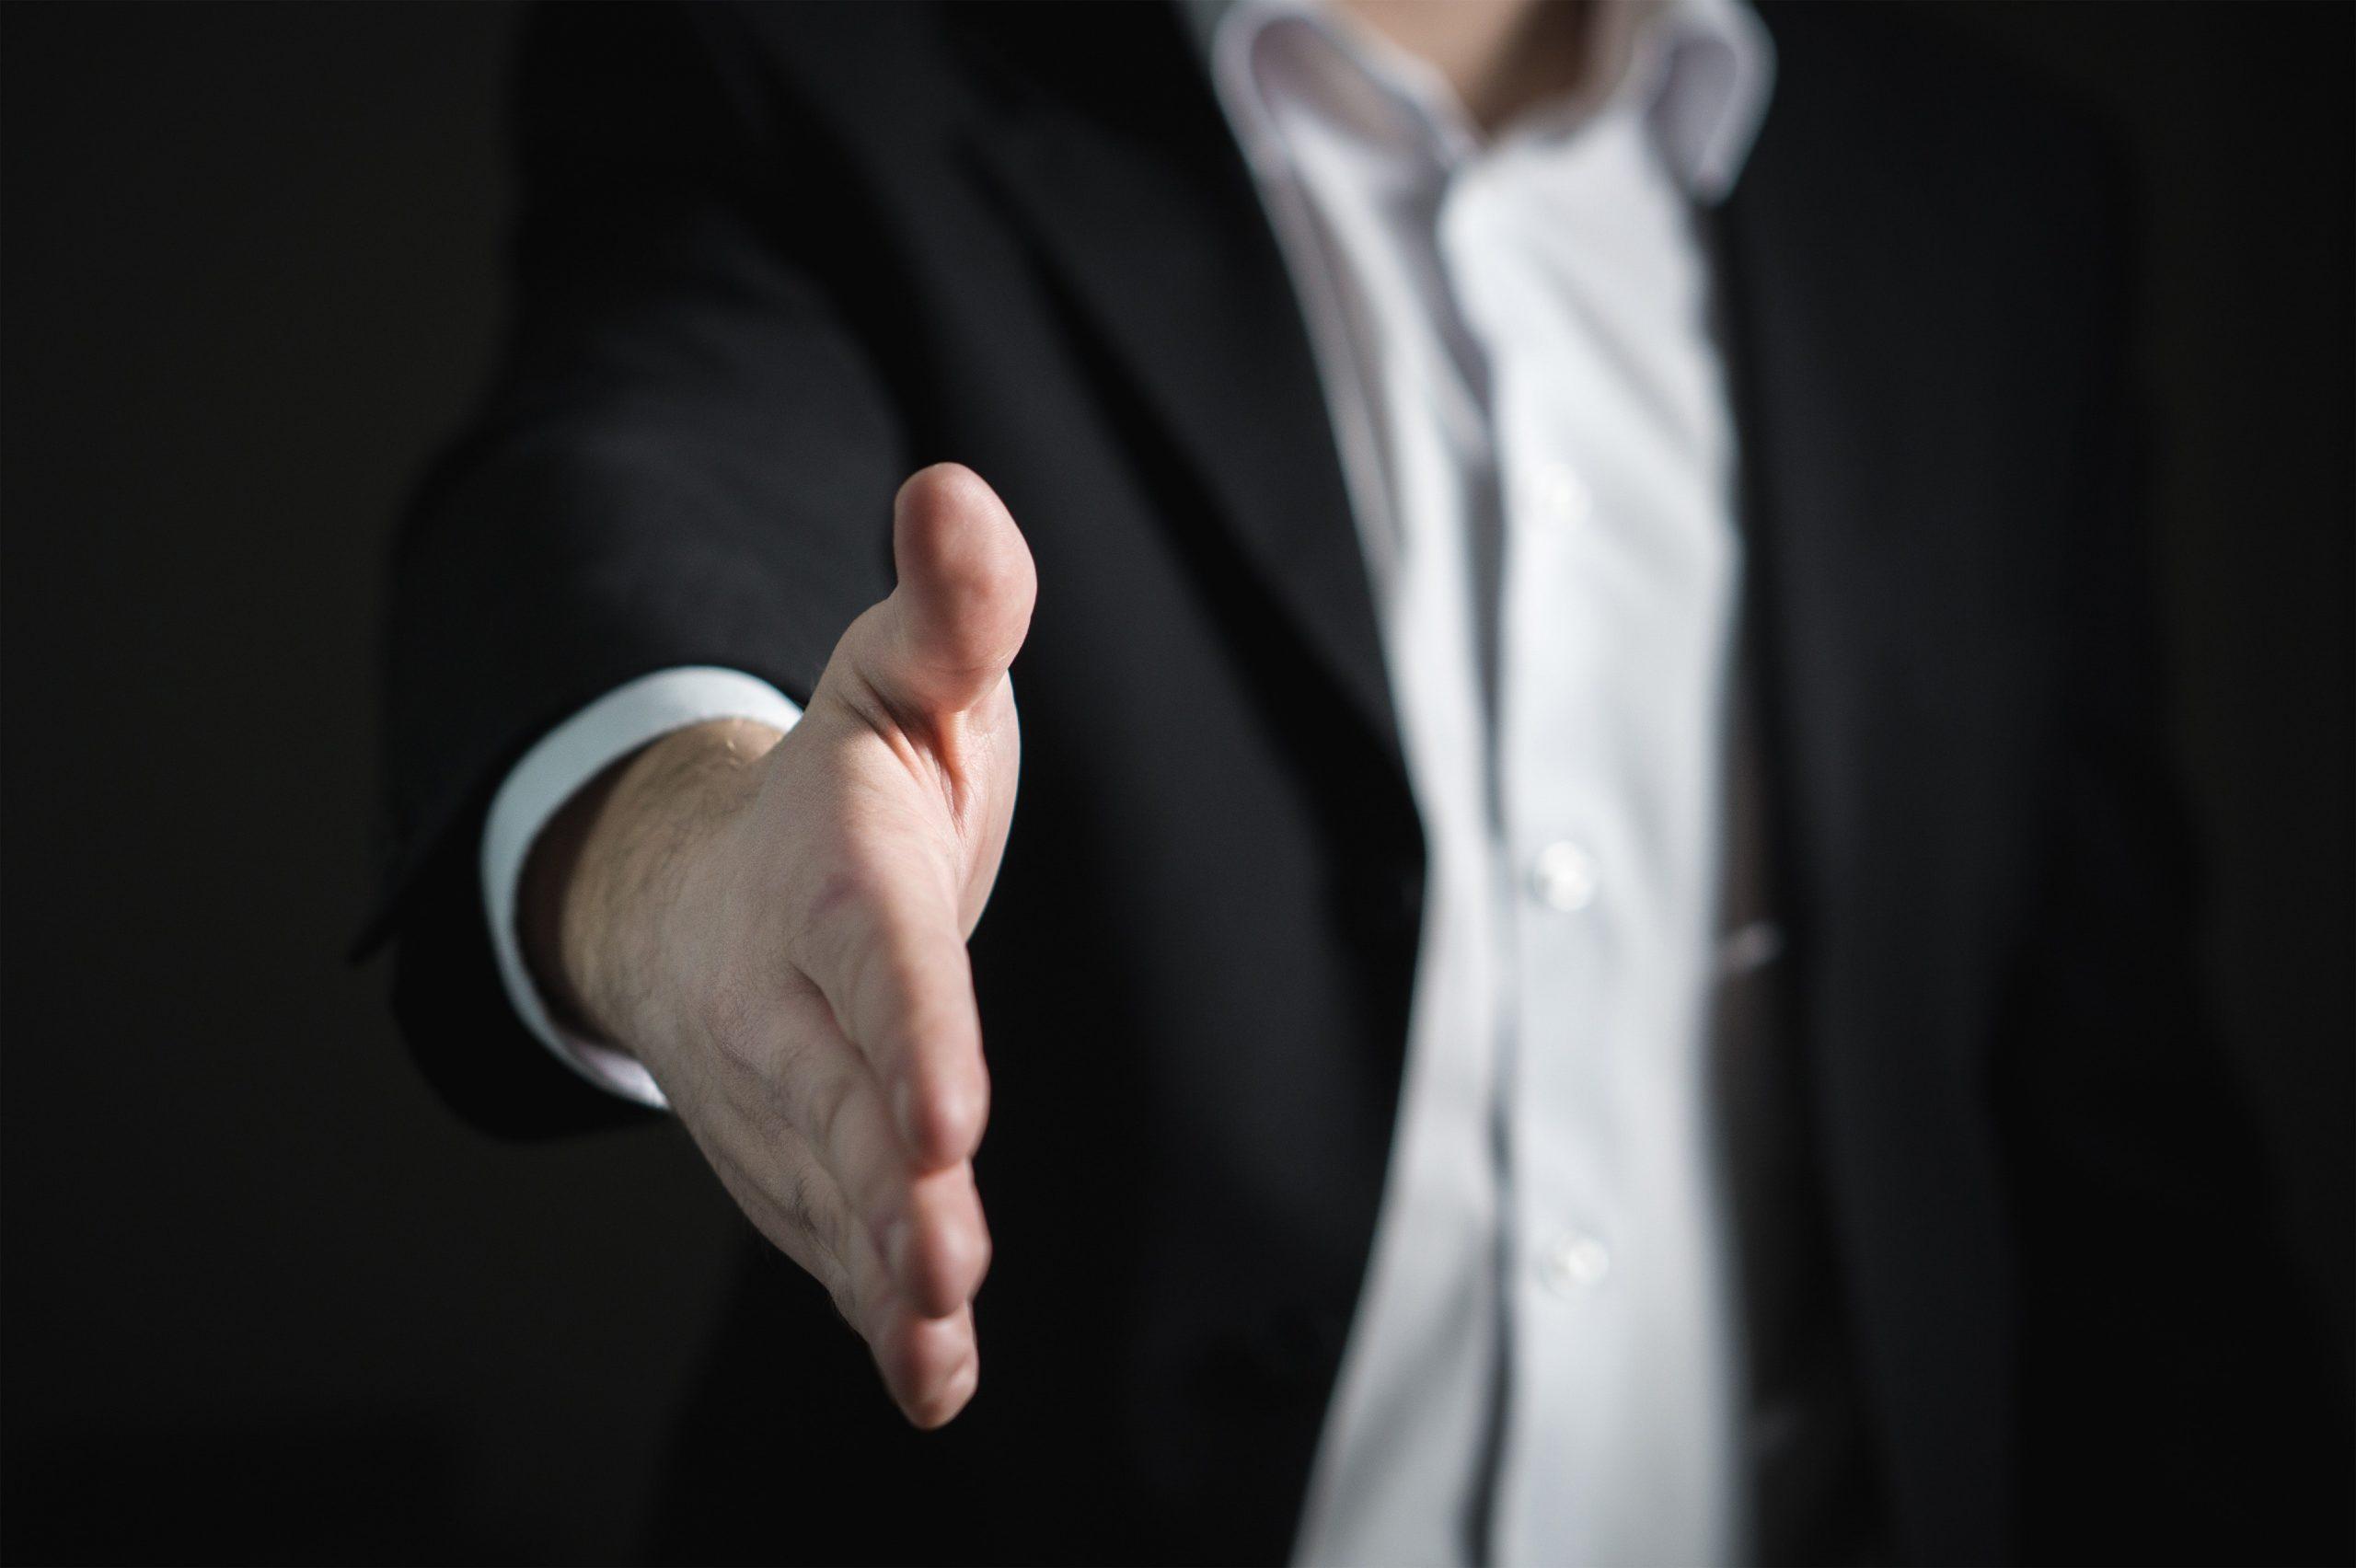 Manager qui salue son employé avant son entretien annuel